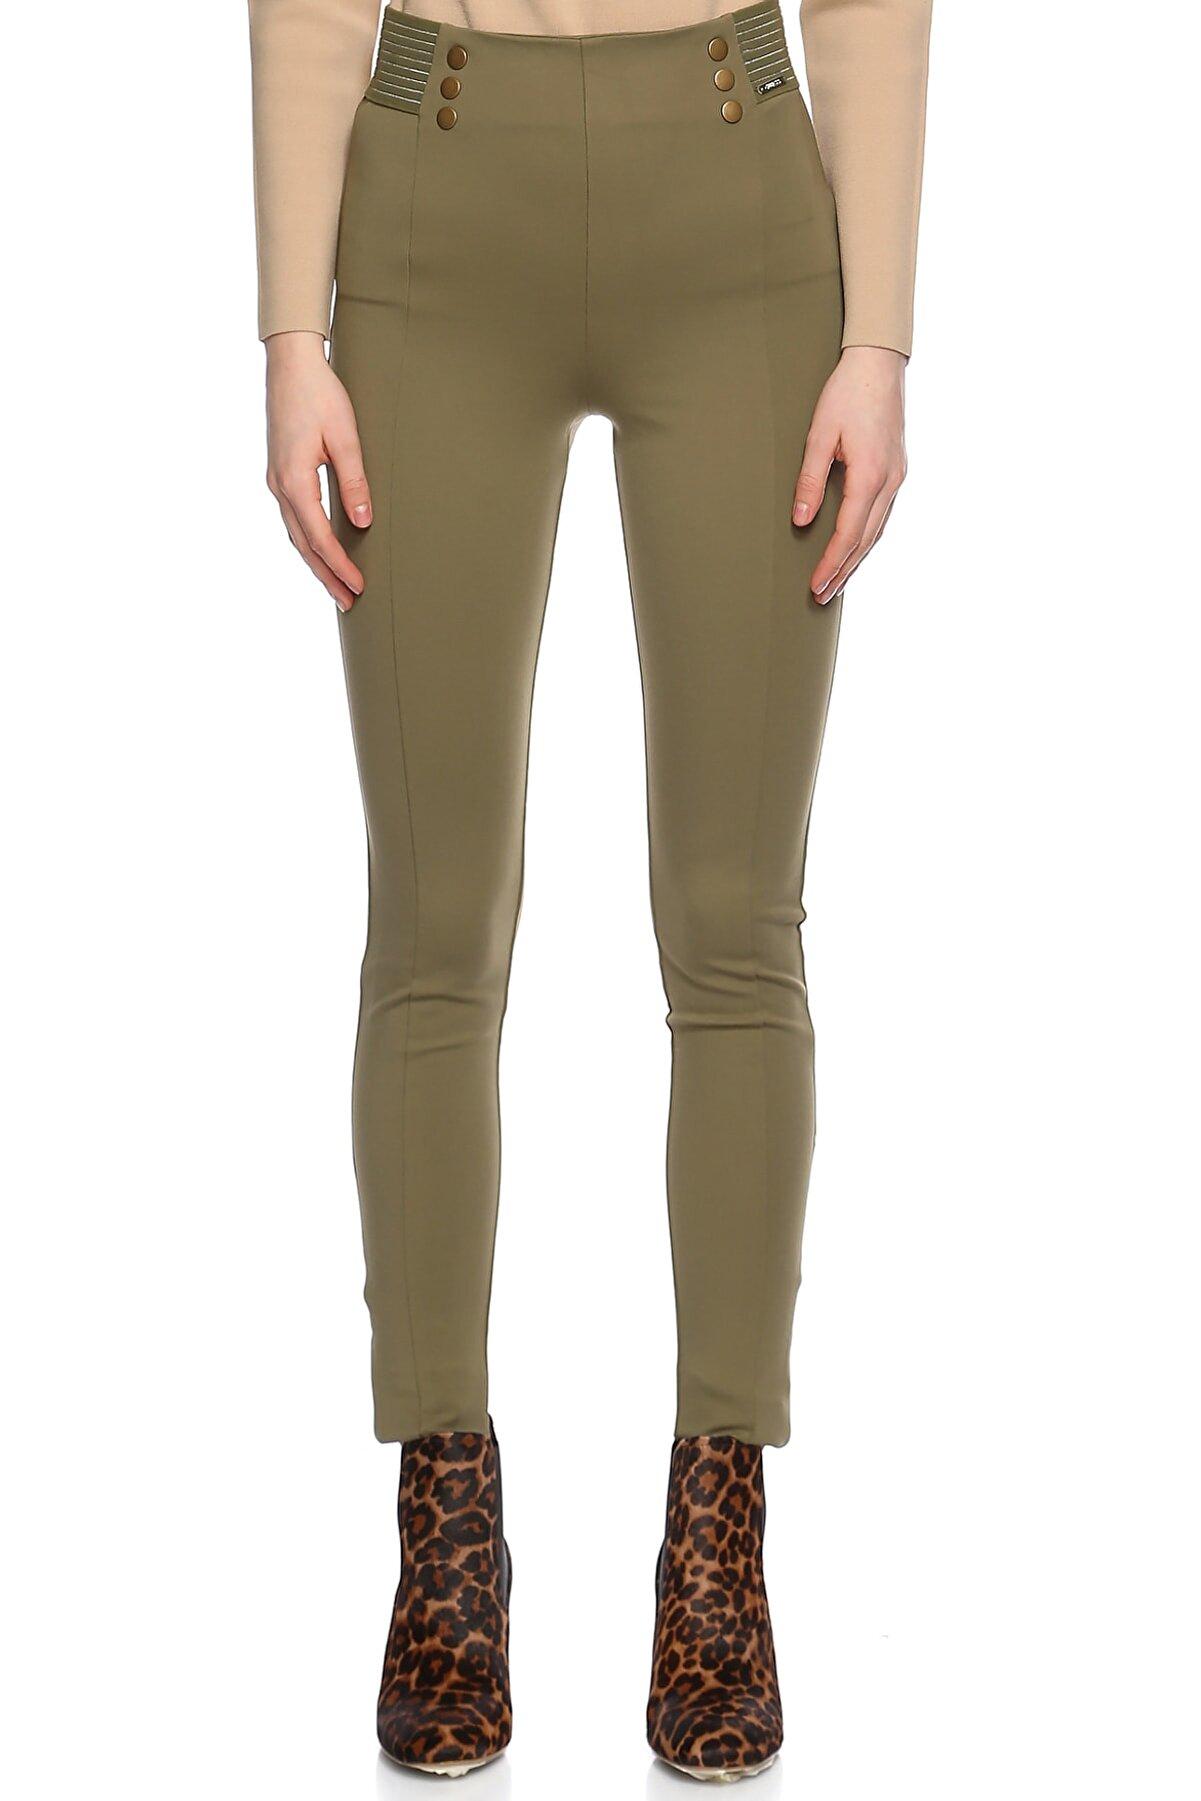 Guess Dar Kesim Yeşil Pantolon